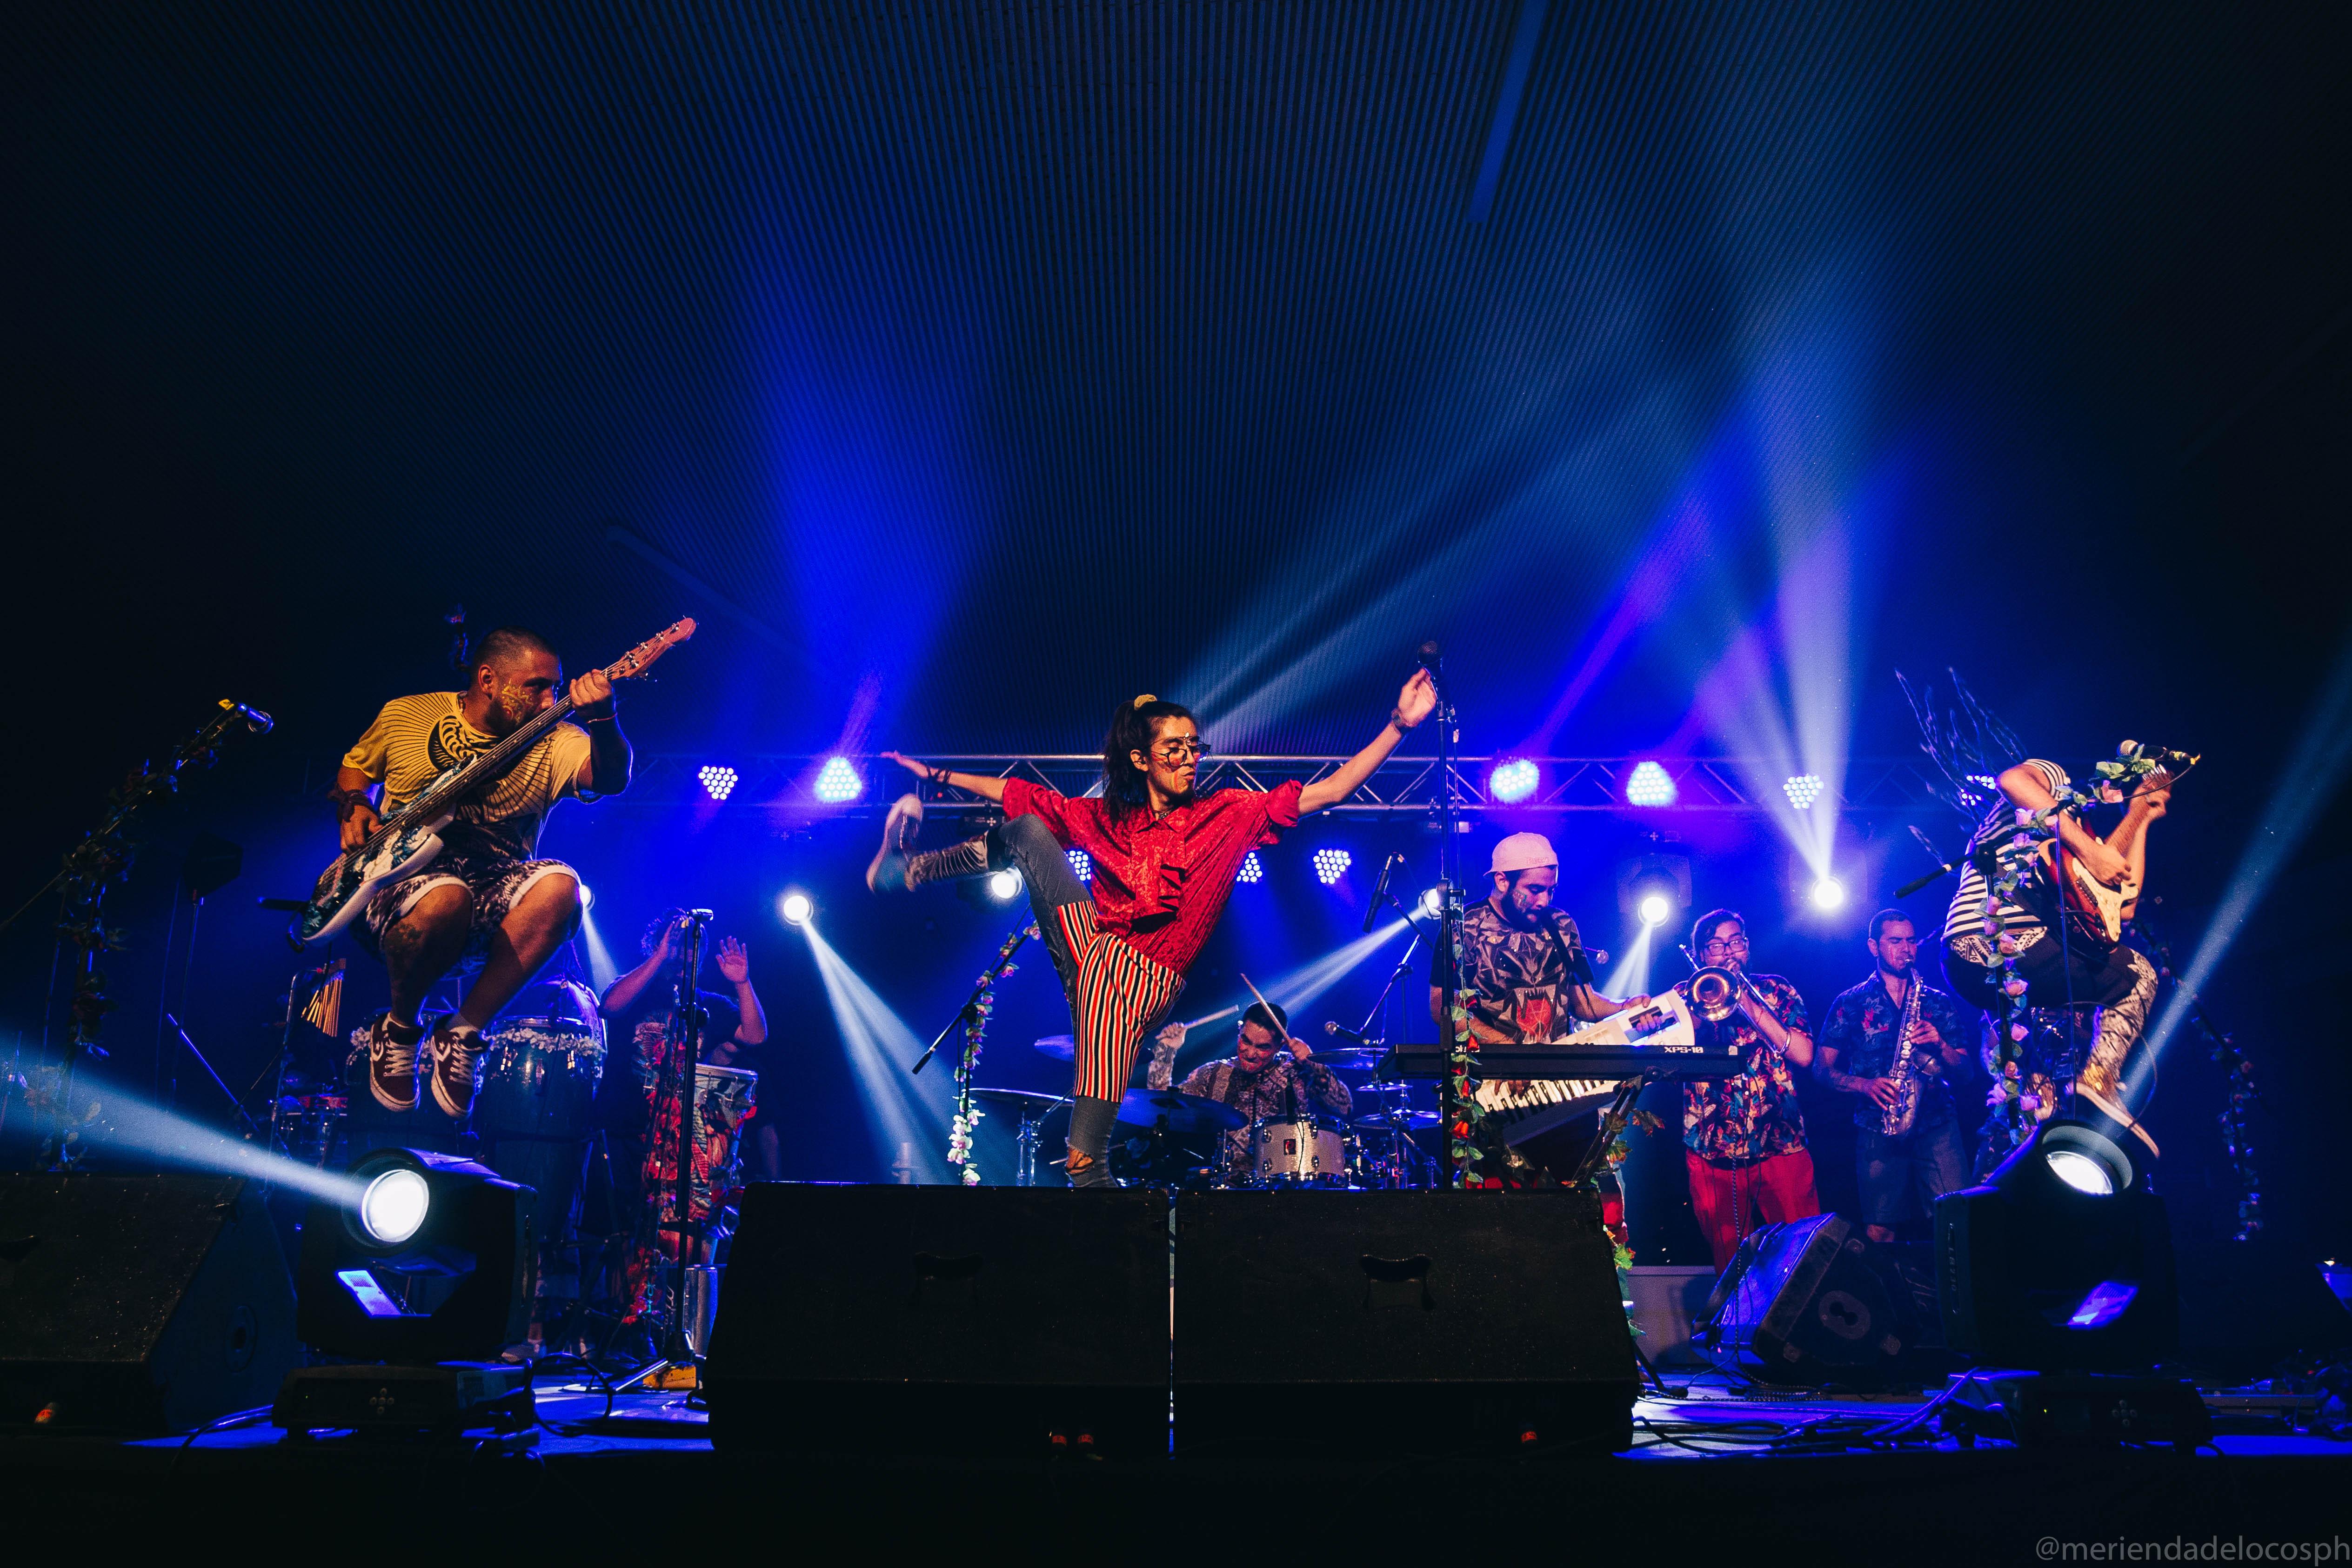 Sonora 5 Estrellas, La Transa y más artistas nacionales ofrecerán show gratuito en el Parque Quinta Normal